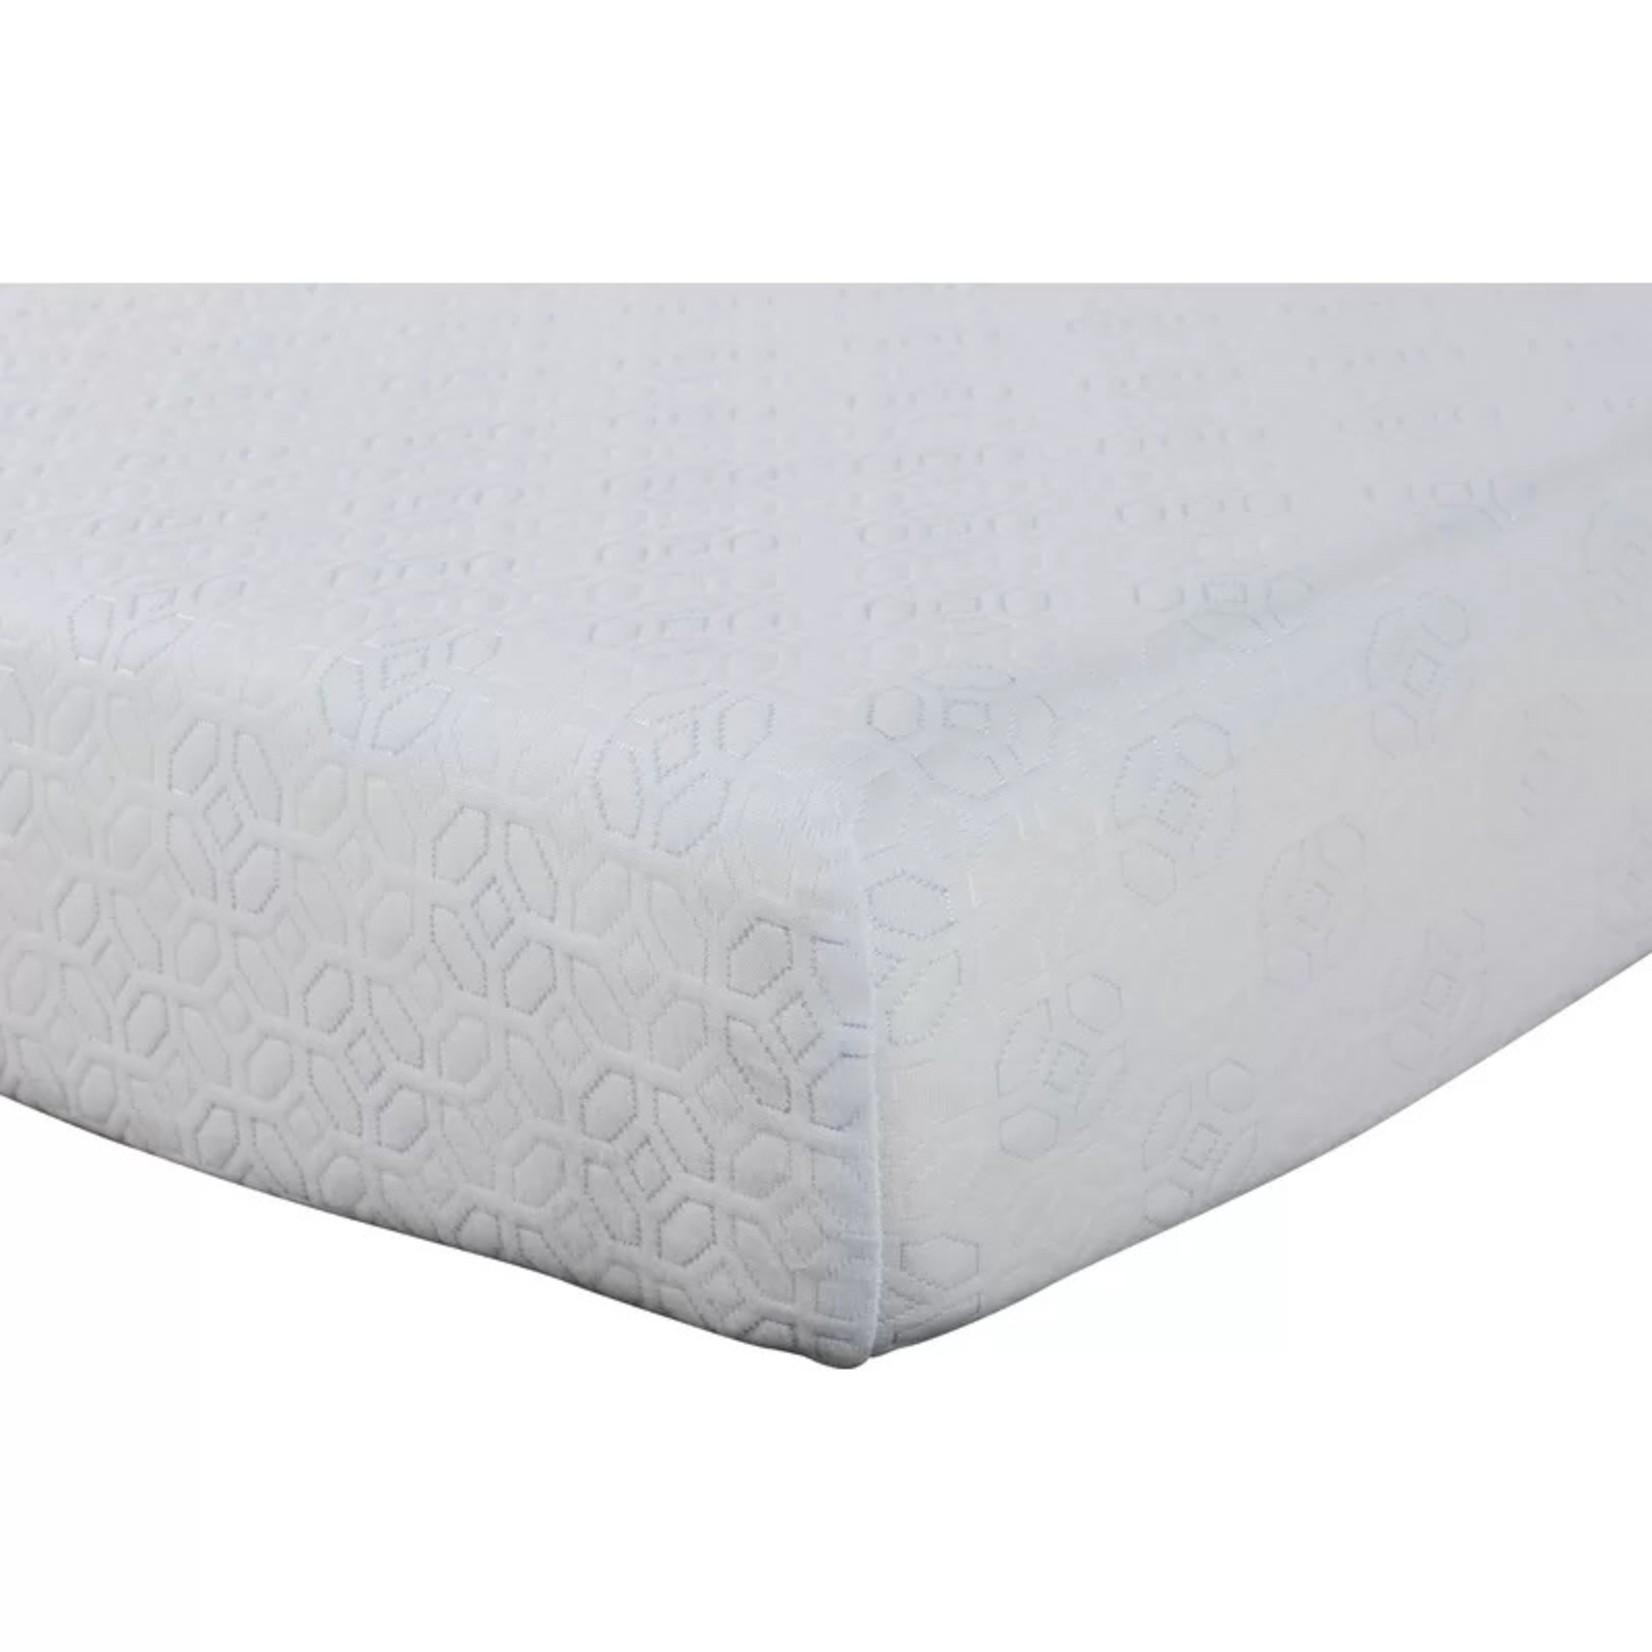 """*King - Wayfair Sleep 12"""" Medium Gel Memory Foam Mattress - Final Sale"""